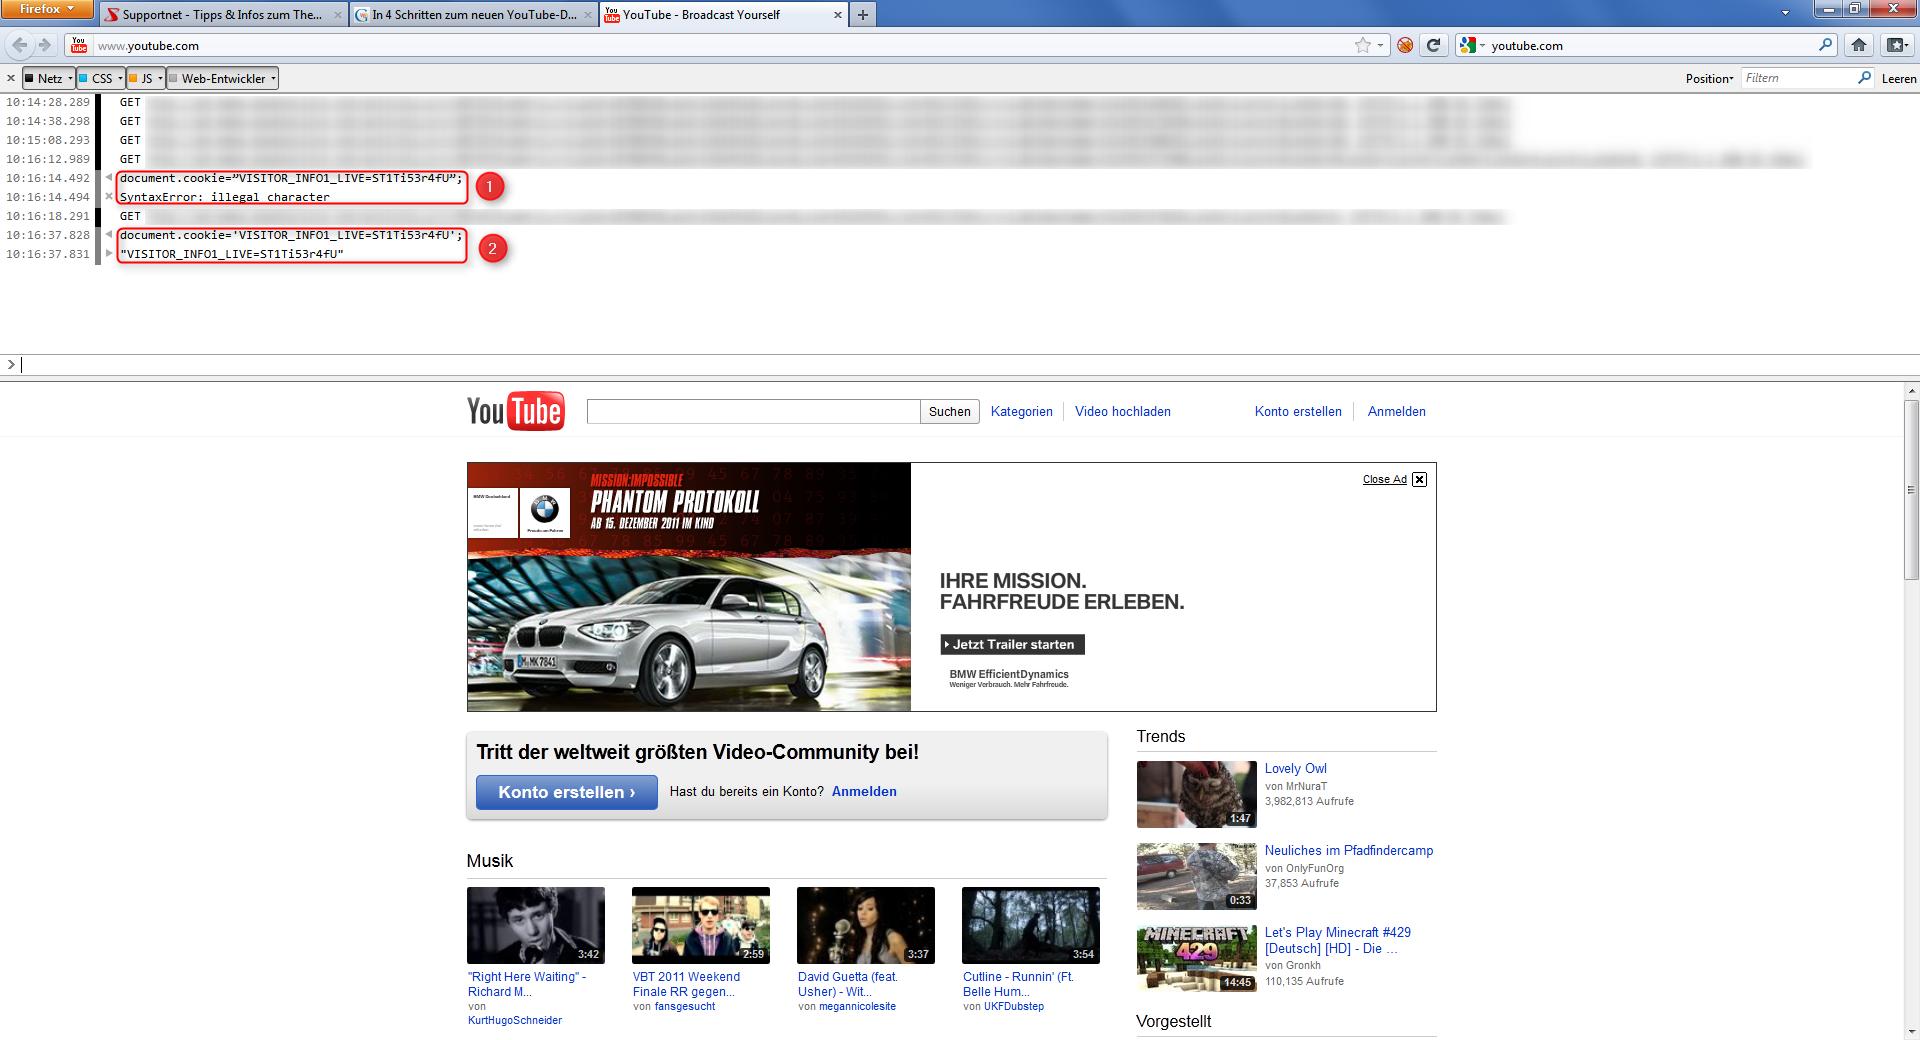 04-das-neue-youtube-design-schon-jetzt-einrichten-eingabe-konsole-alternative-470.png?nocache=1321954406862